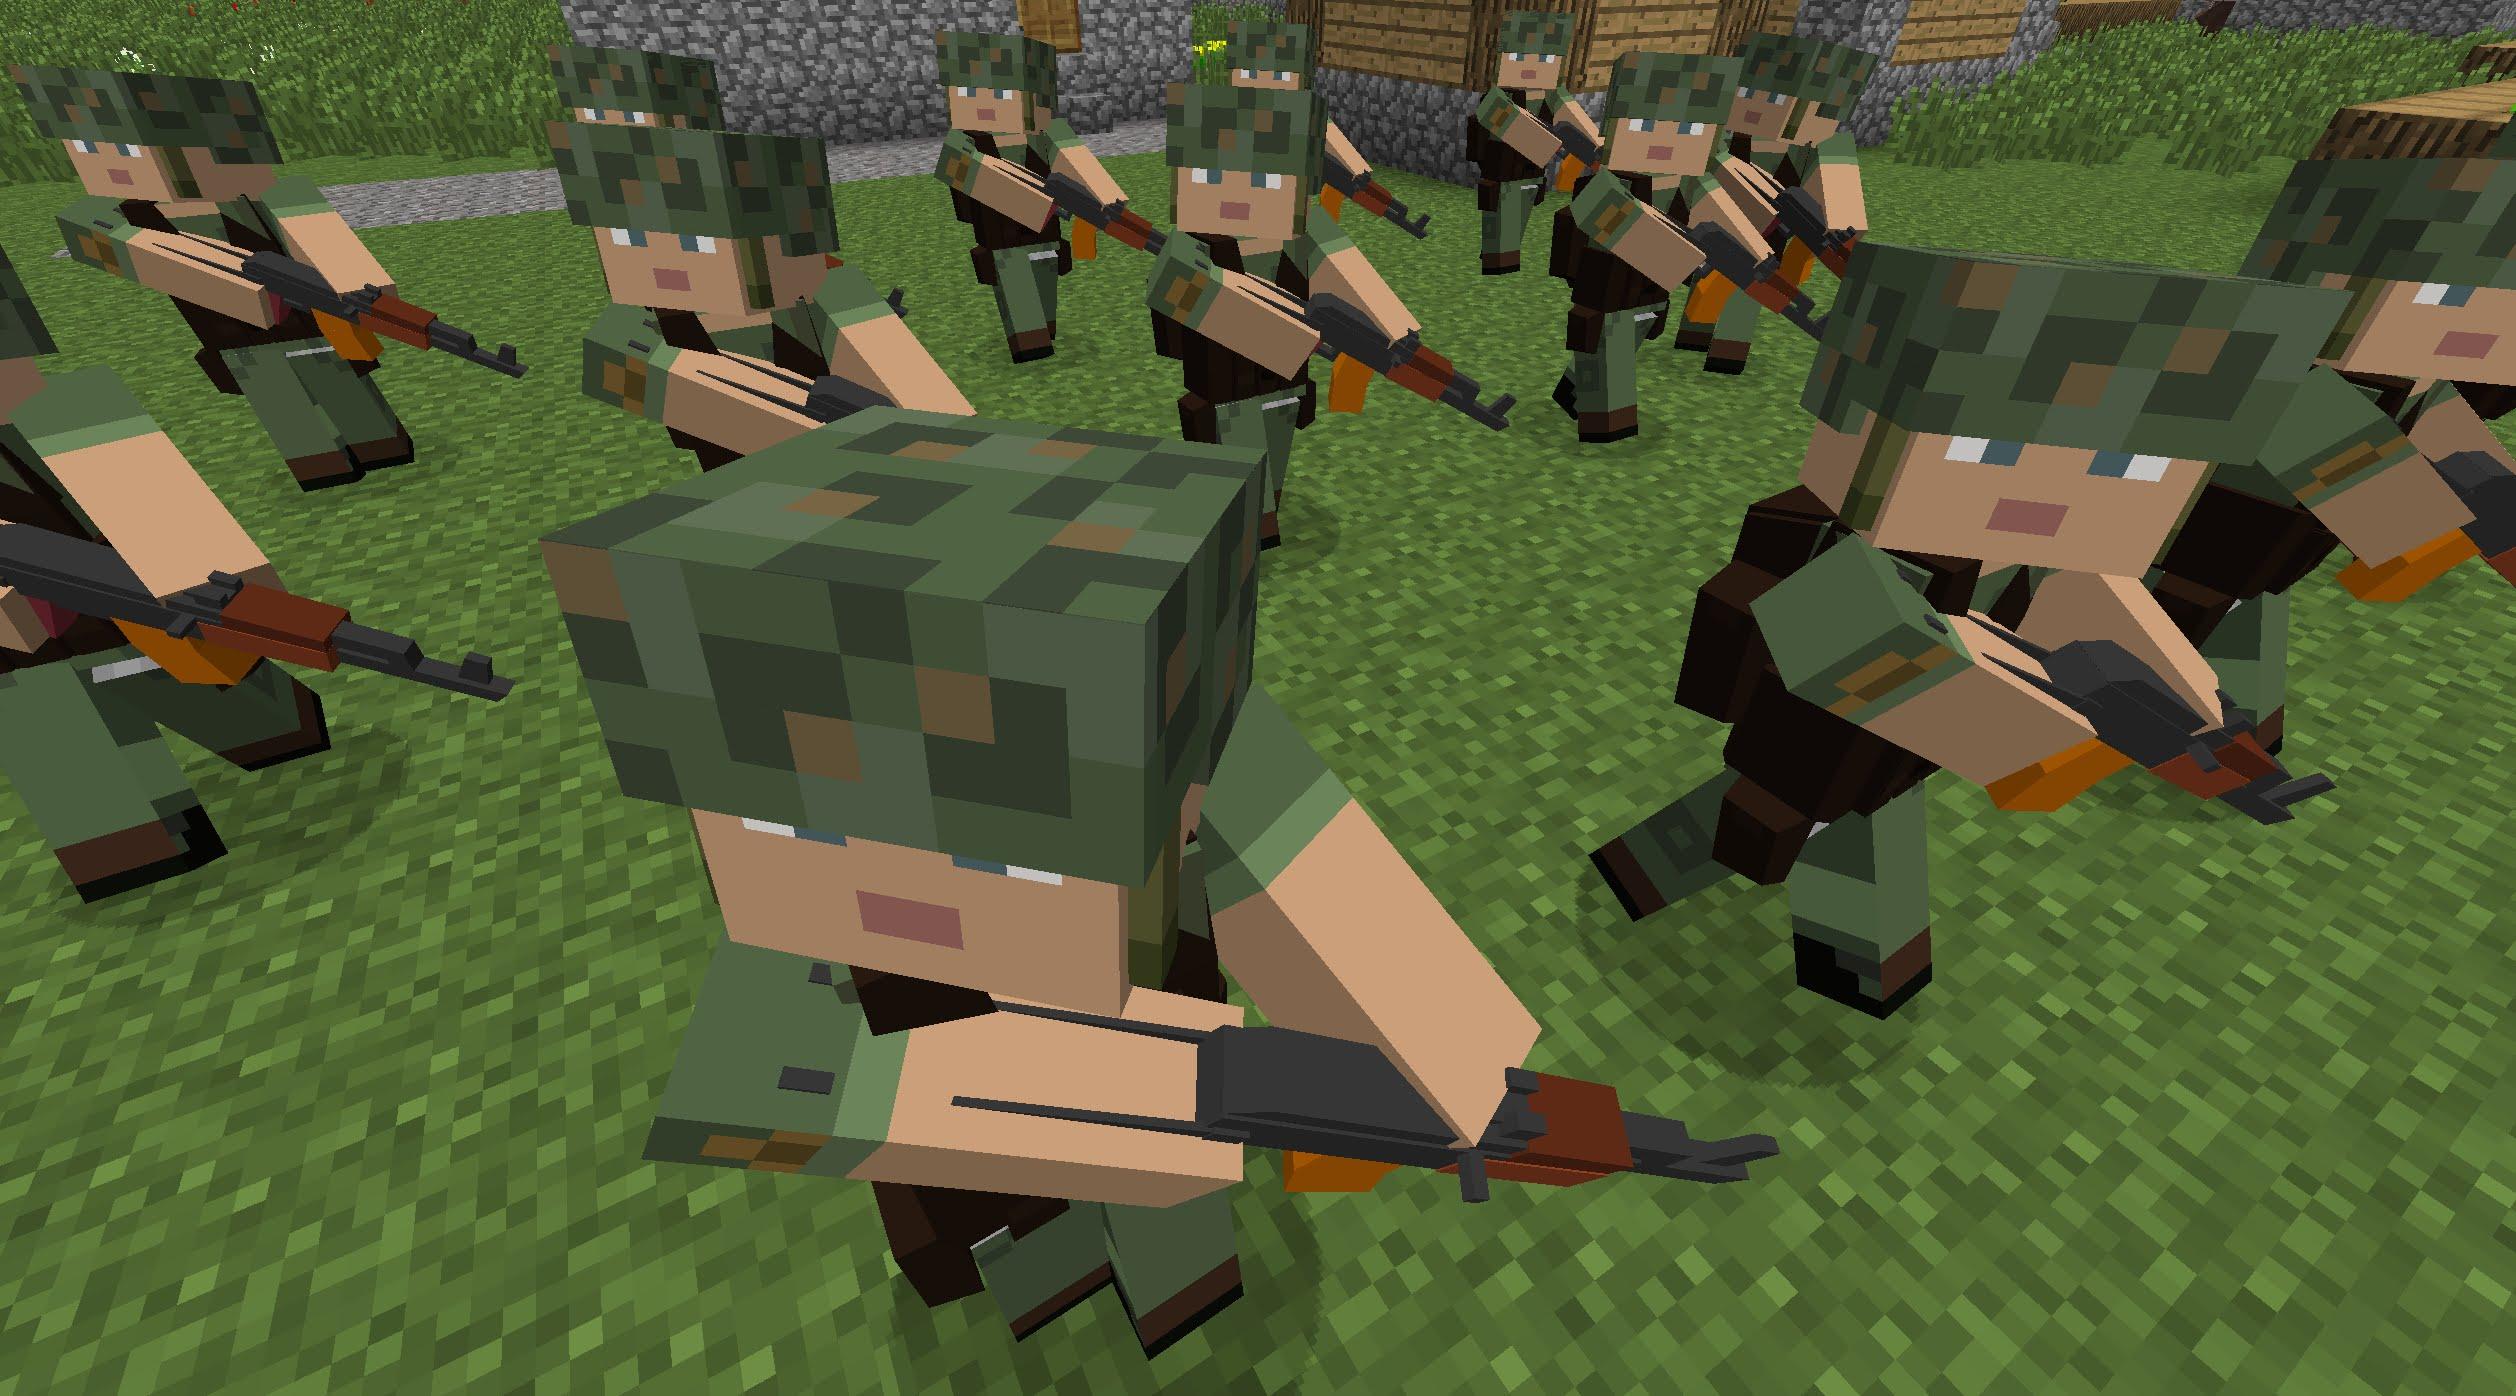 мод на майнкрафт 1 10 2 на солдатов